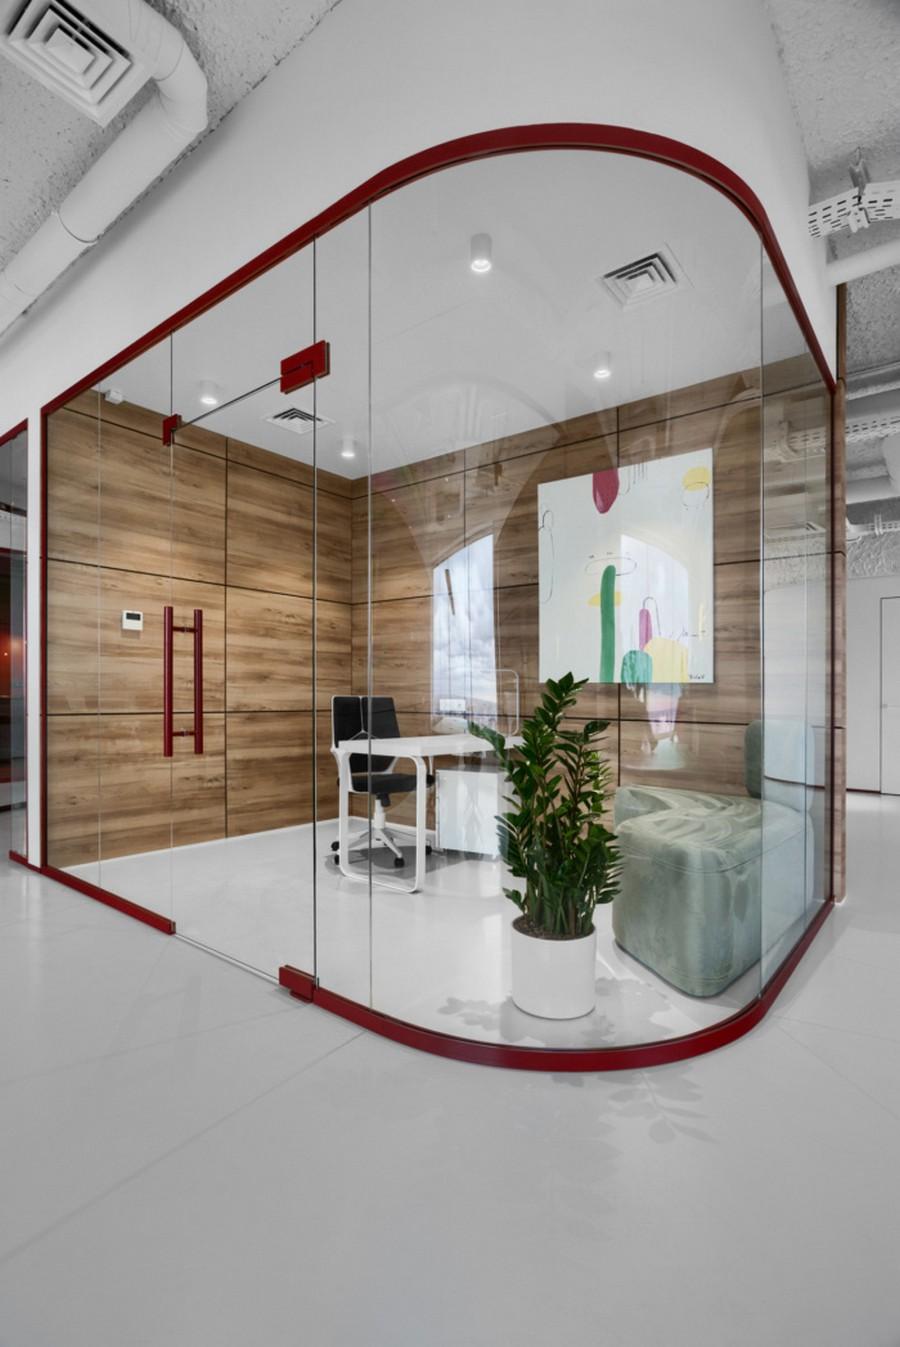 Không gian văn phòng linh hoạt, thoải mái